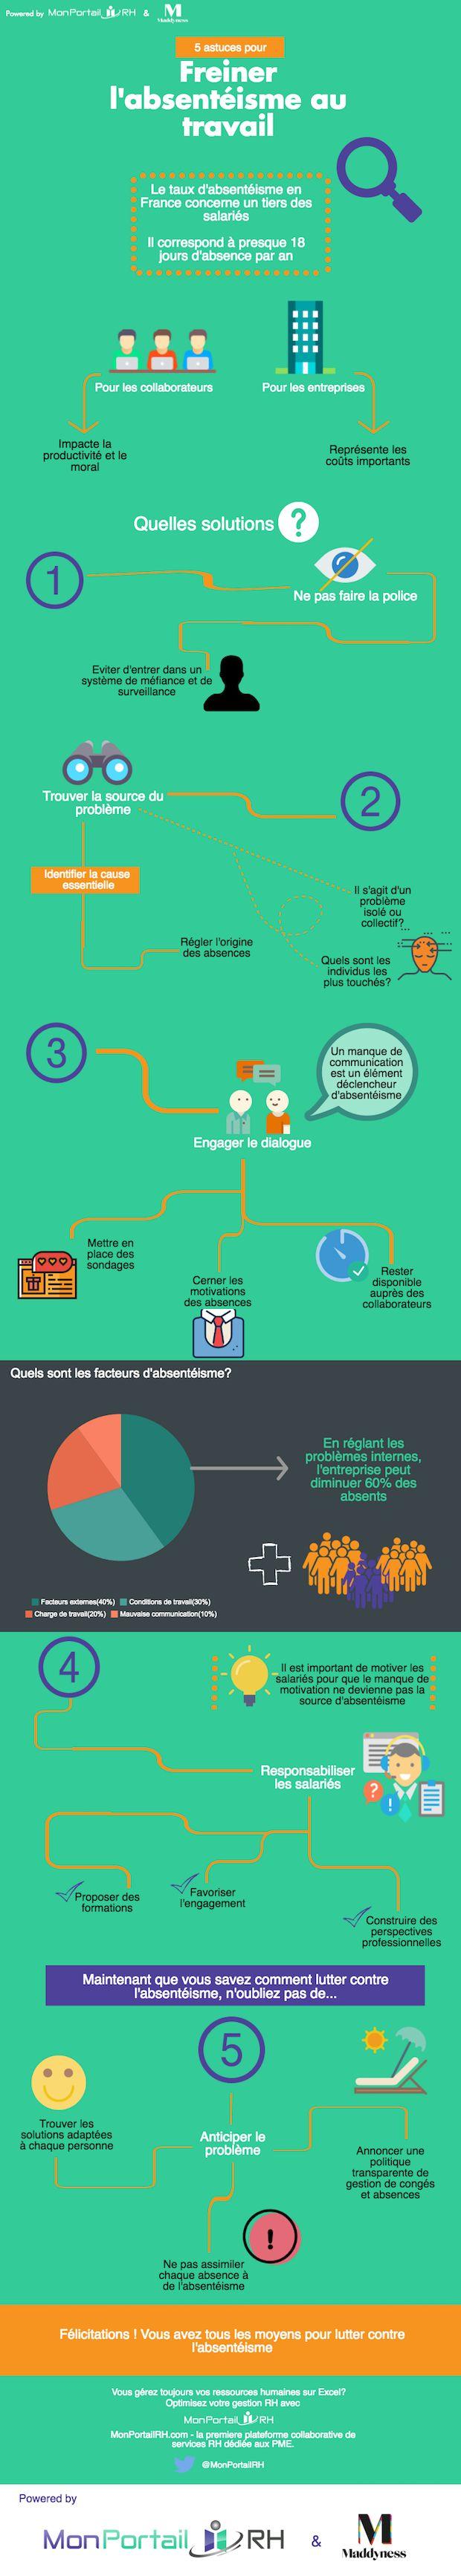 Infographie - 5 astuces pour Freiner l'absentéisme au travail - copie